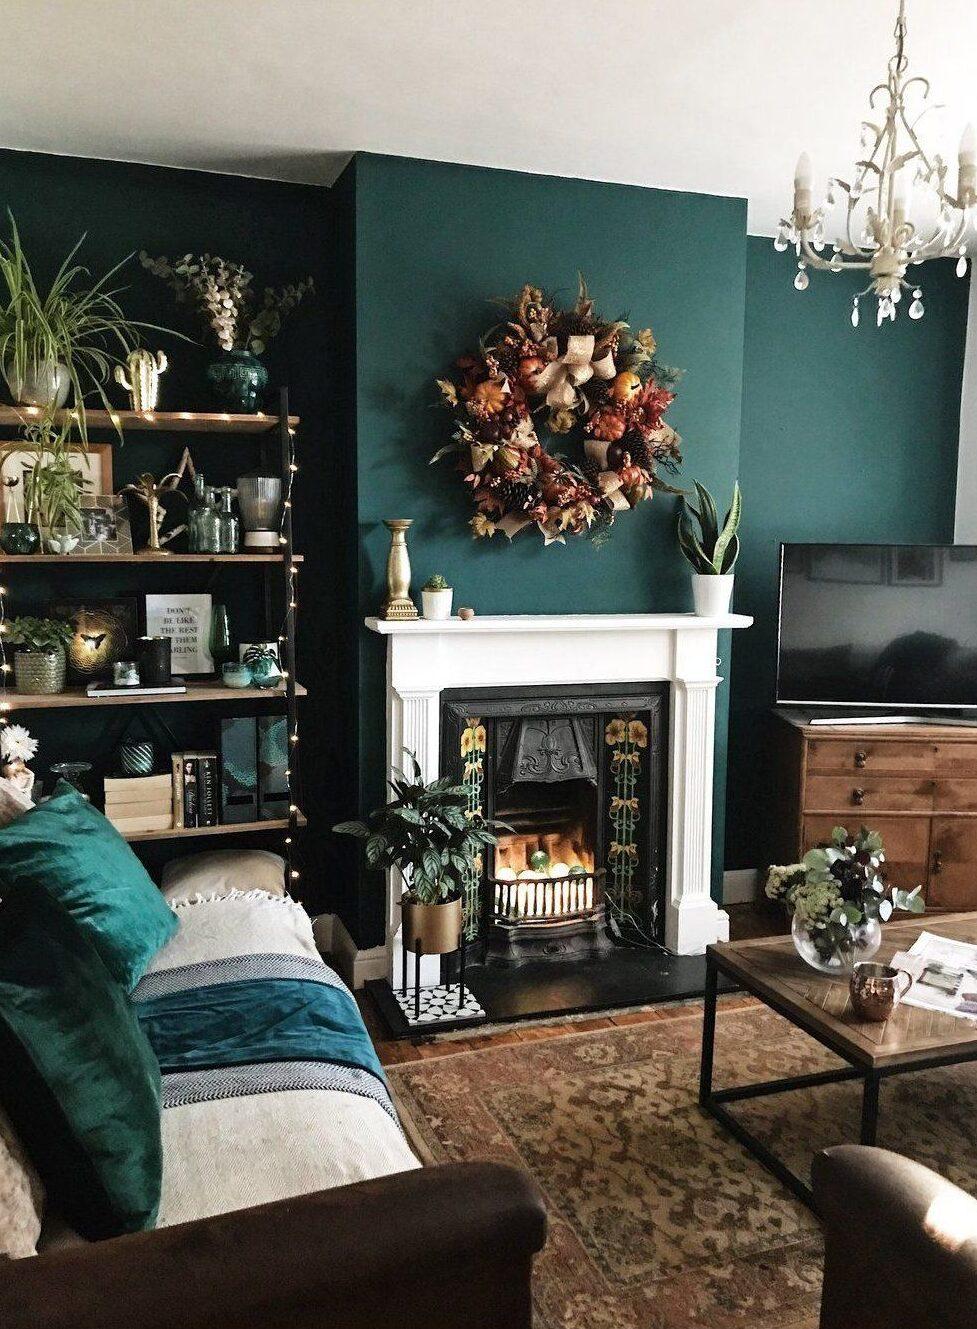 外國很流行將房間的牆身油成墨綠色,配搭深色絨布傢俬有種復古的華麗風格